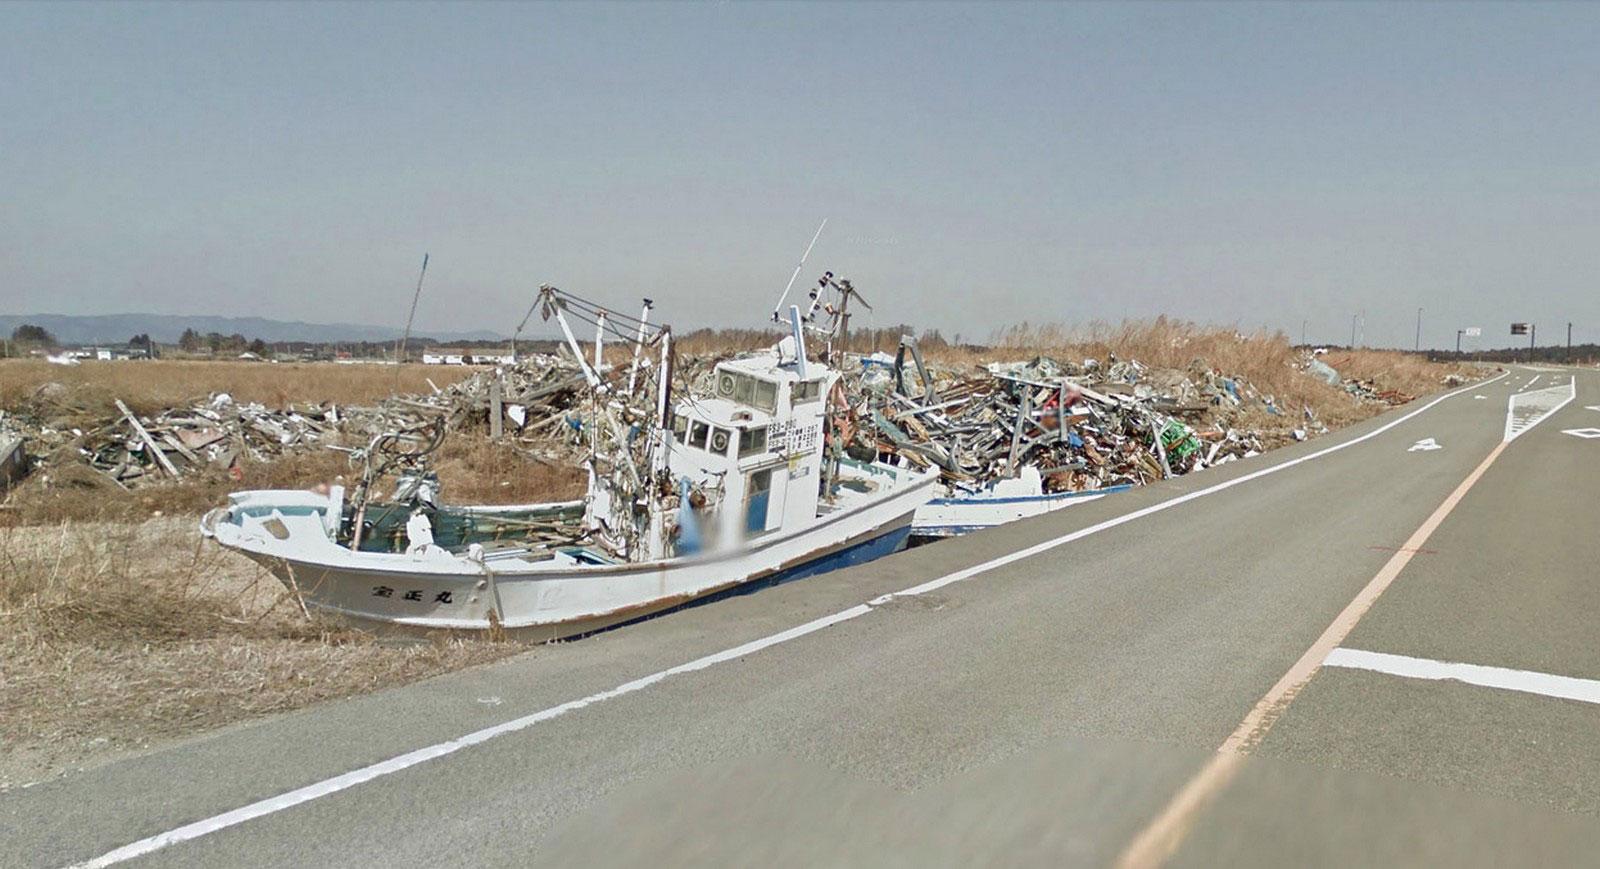 Рыбацкие лодки и горы мусора, фото Японии